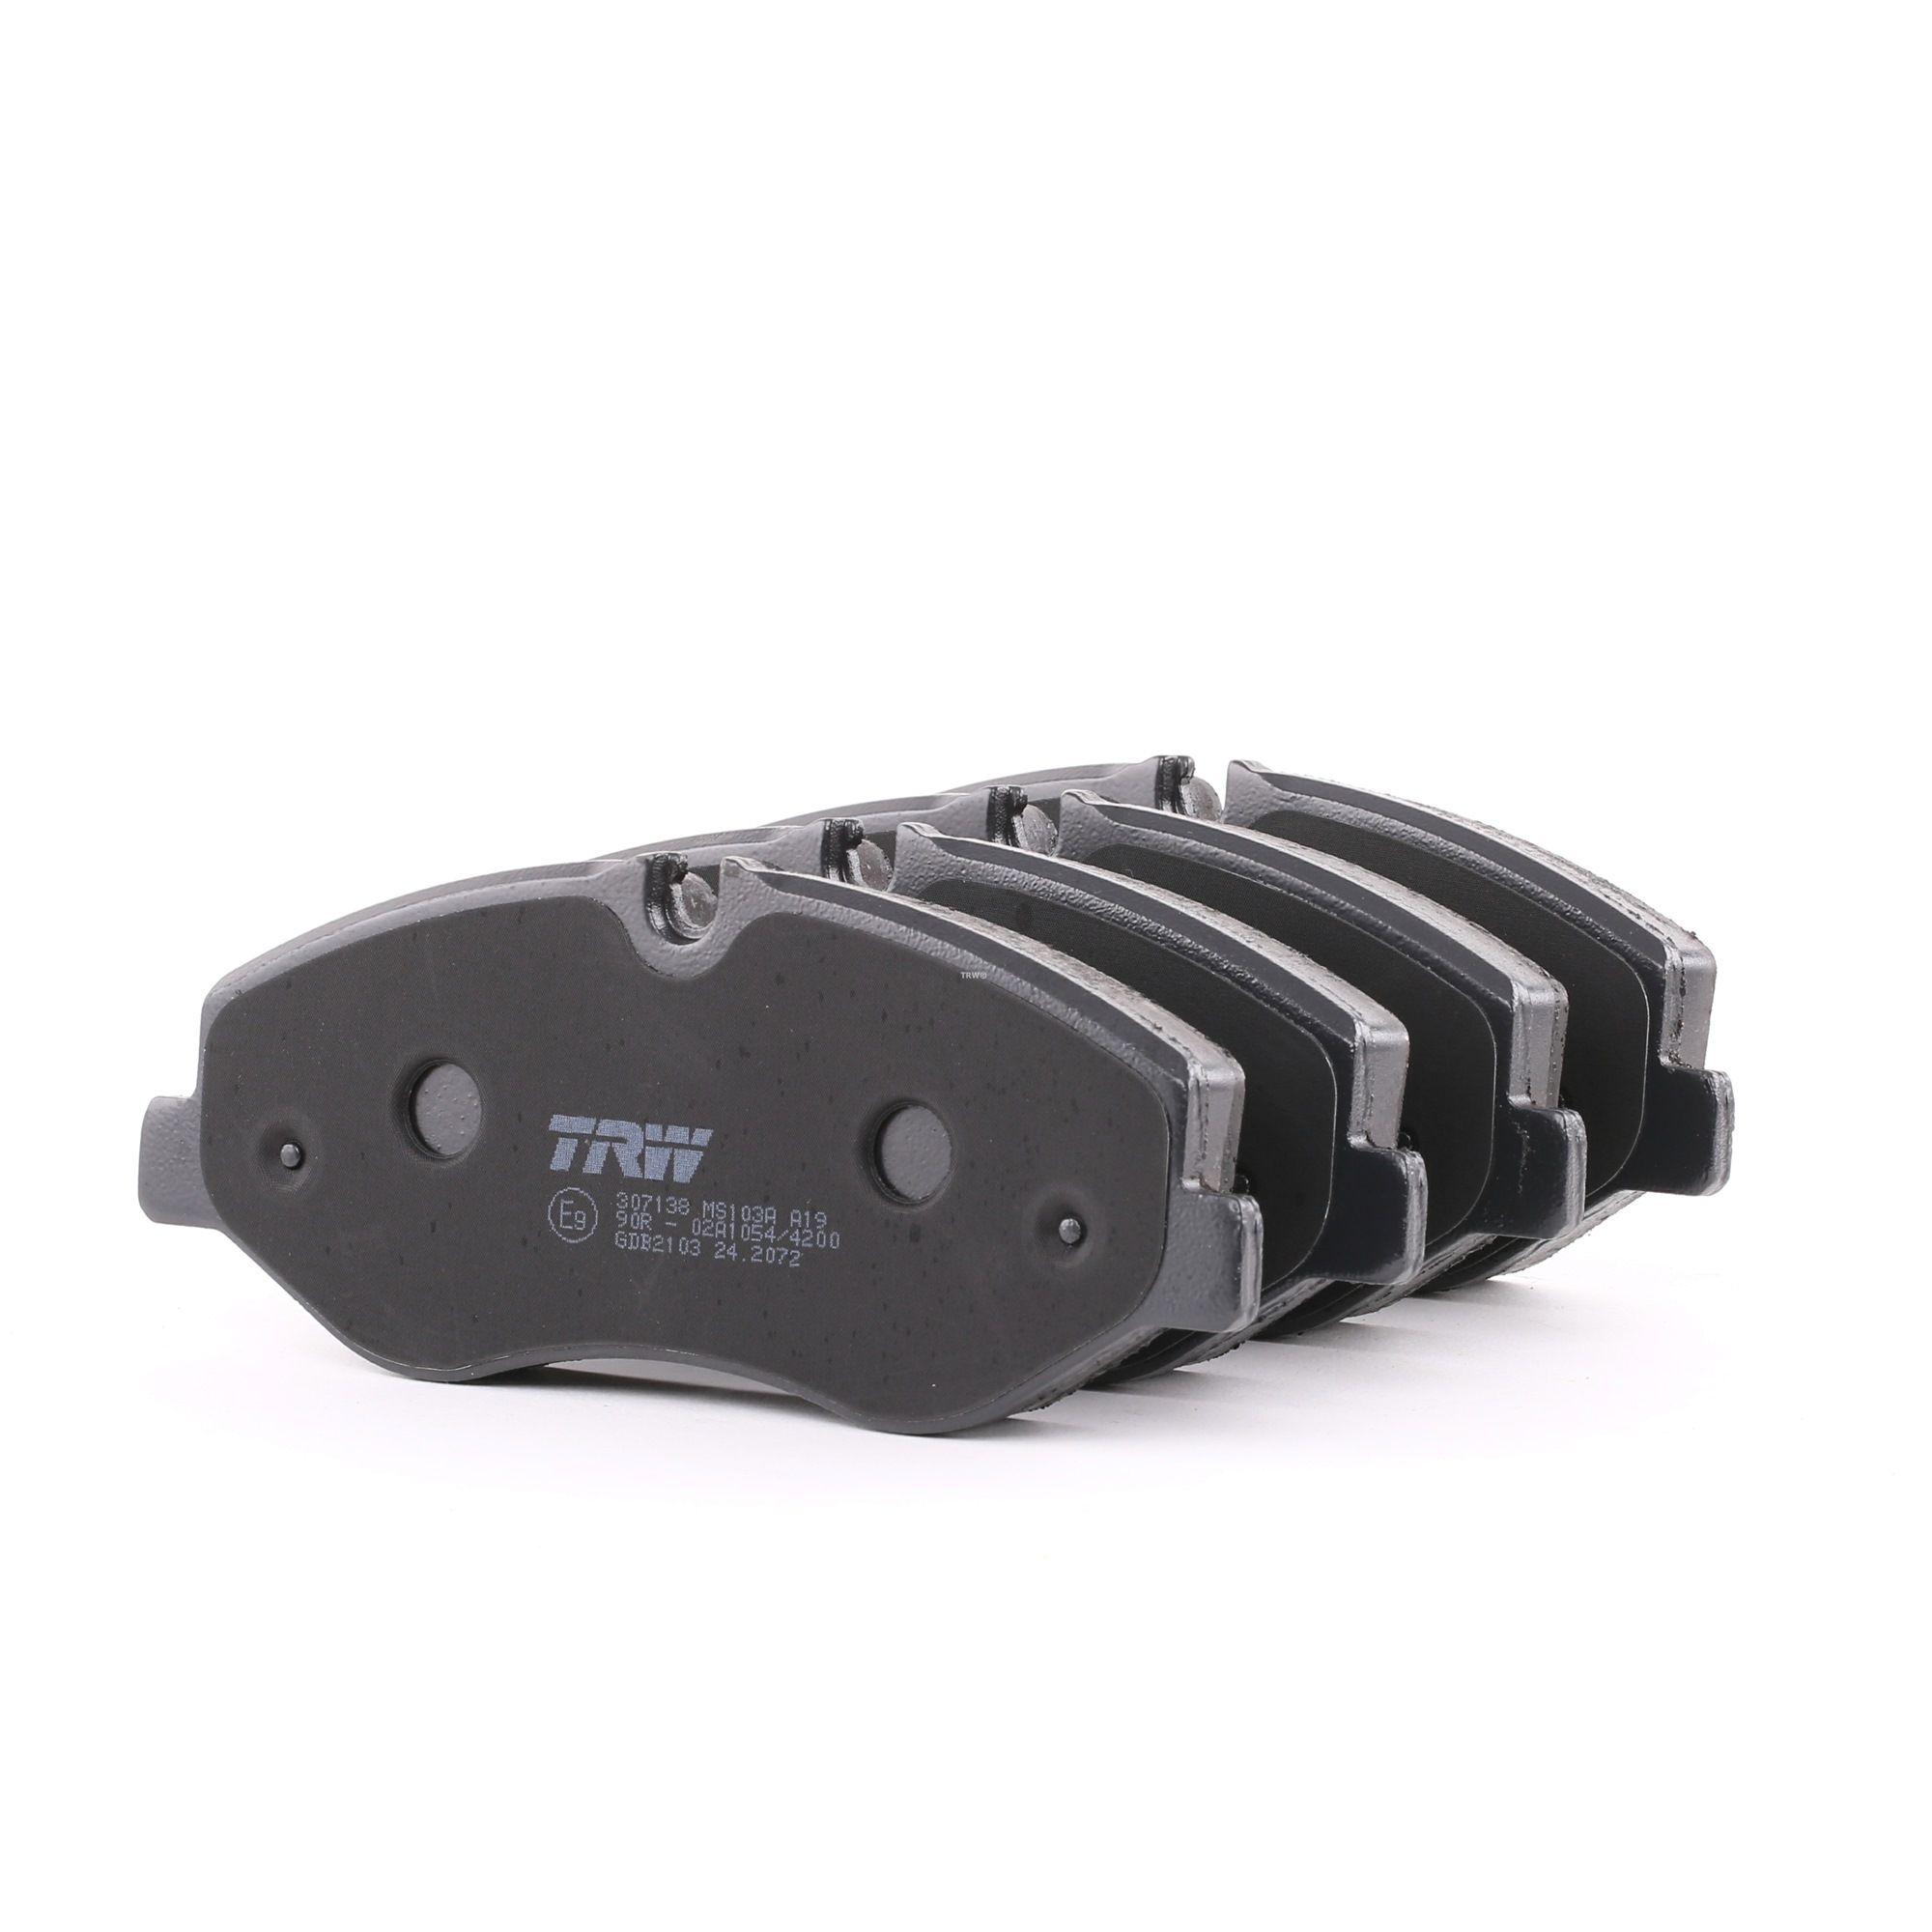 Bremsbelagsatz TRW GDB2103 Bewertung